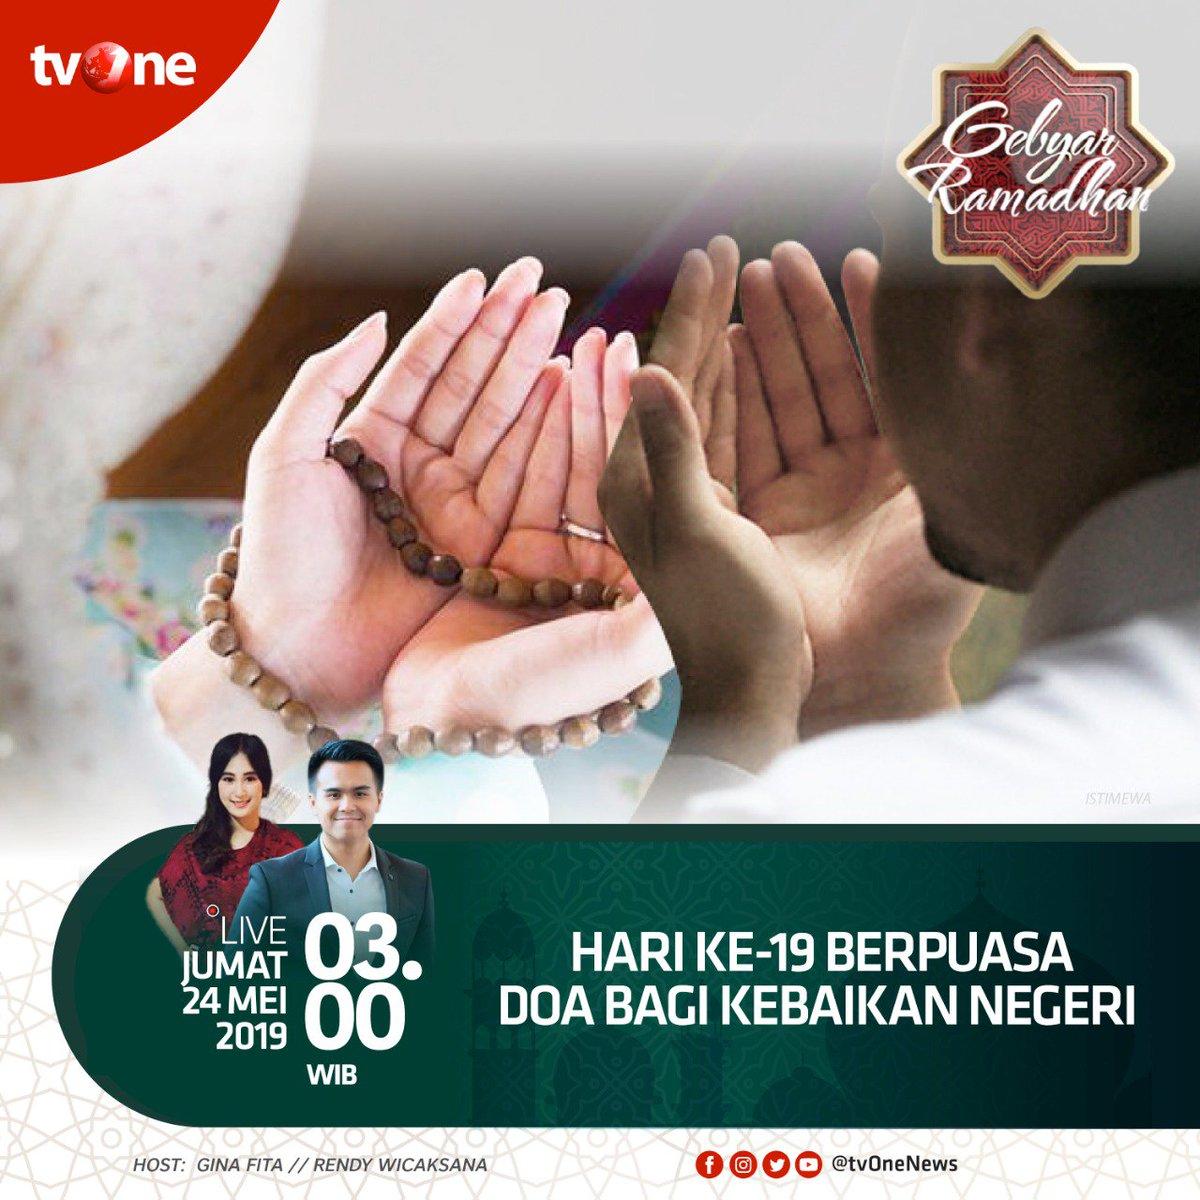 Hari ke-19 berpuasa doa bagi kebaikan negeri.Jumat, 24 Mei 2019 jam 03.00 WIB hanya di tvOne & streaming di tvOne connect, android http://bit.ly/2CMmL5z  & ios http://apple.co/2Q00Mfc #GebyarRamadhantvOne #RamadhanditvOne